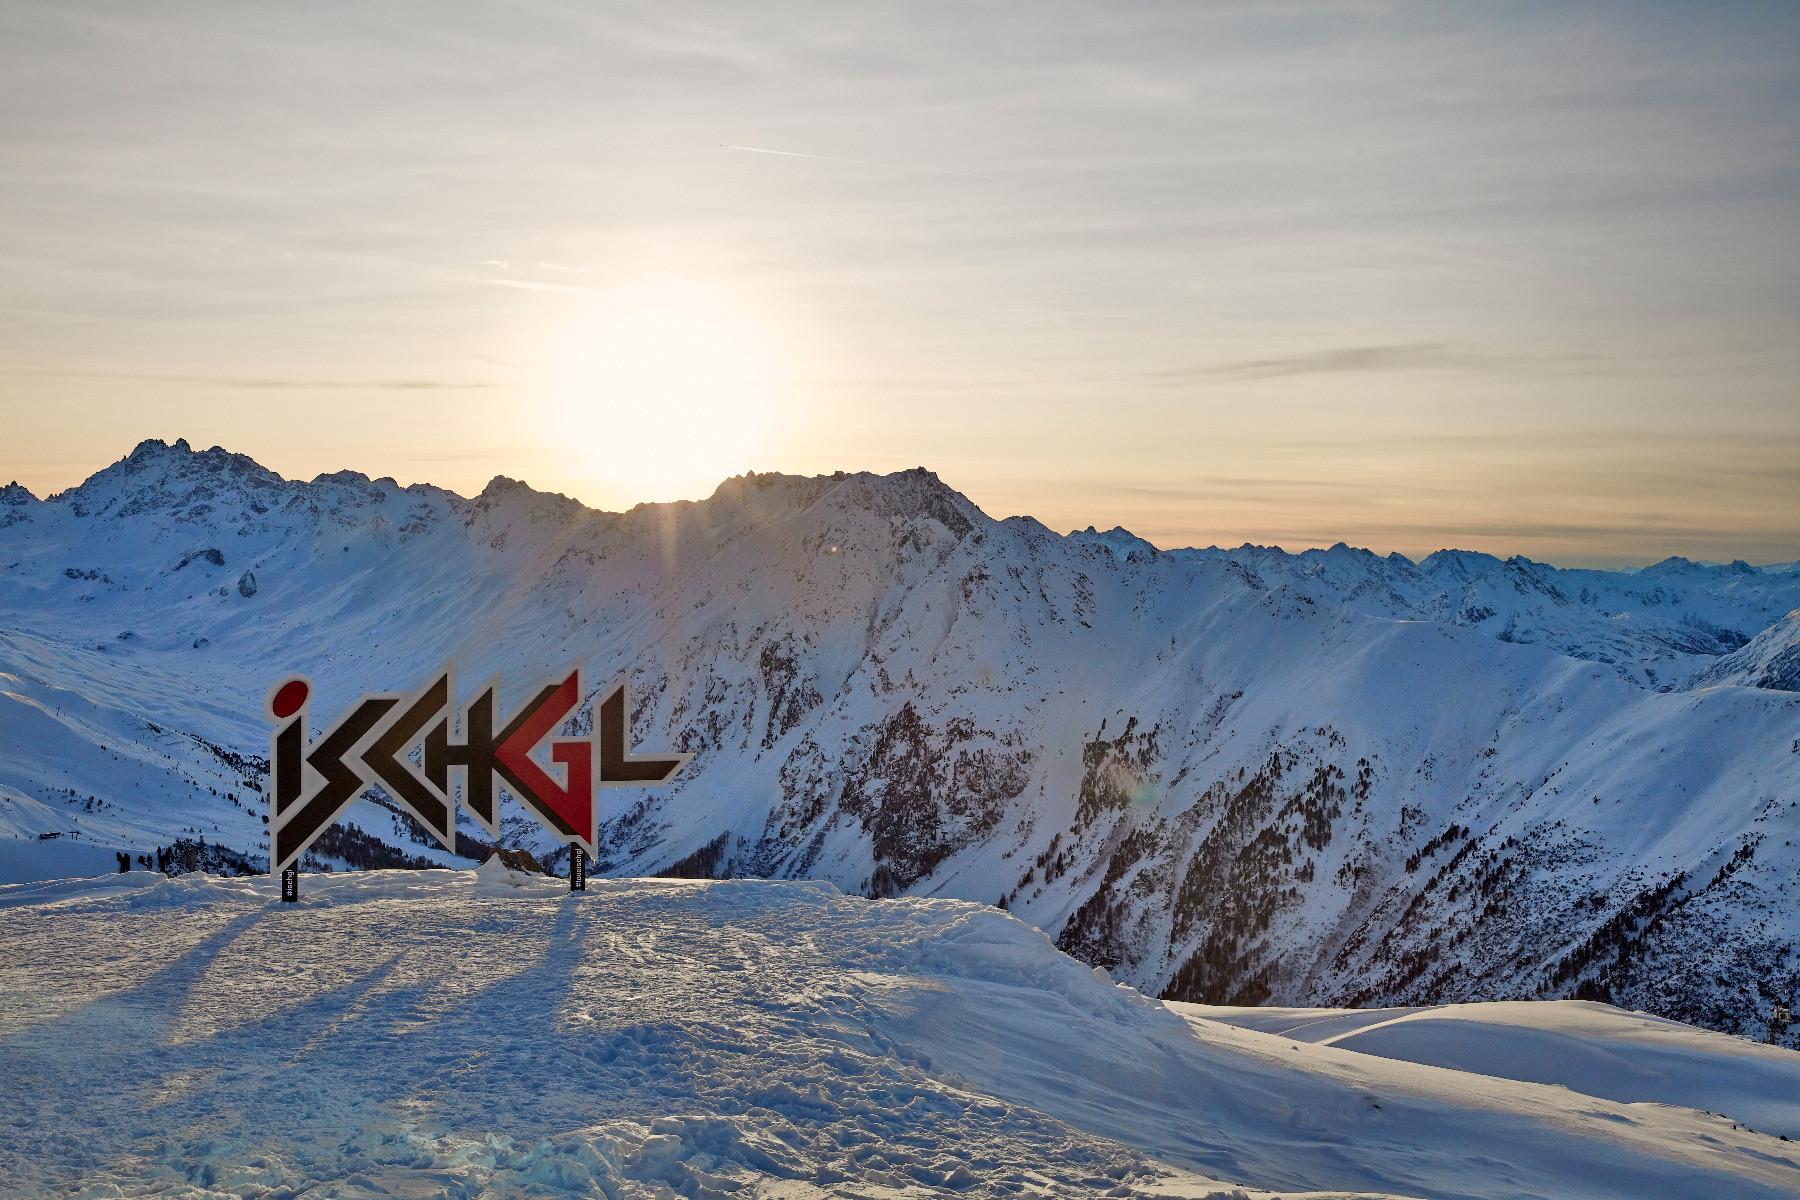 Skigebiet Ischgl im Winter 2018/2019undefined